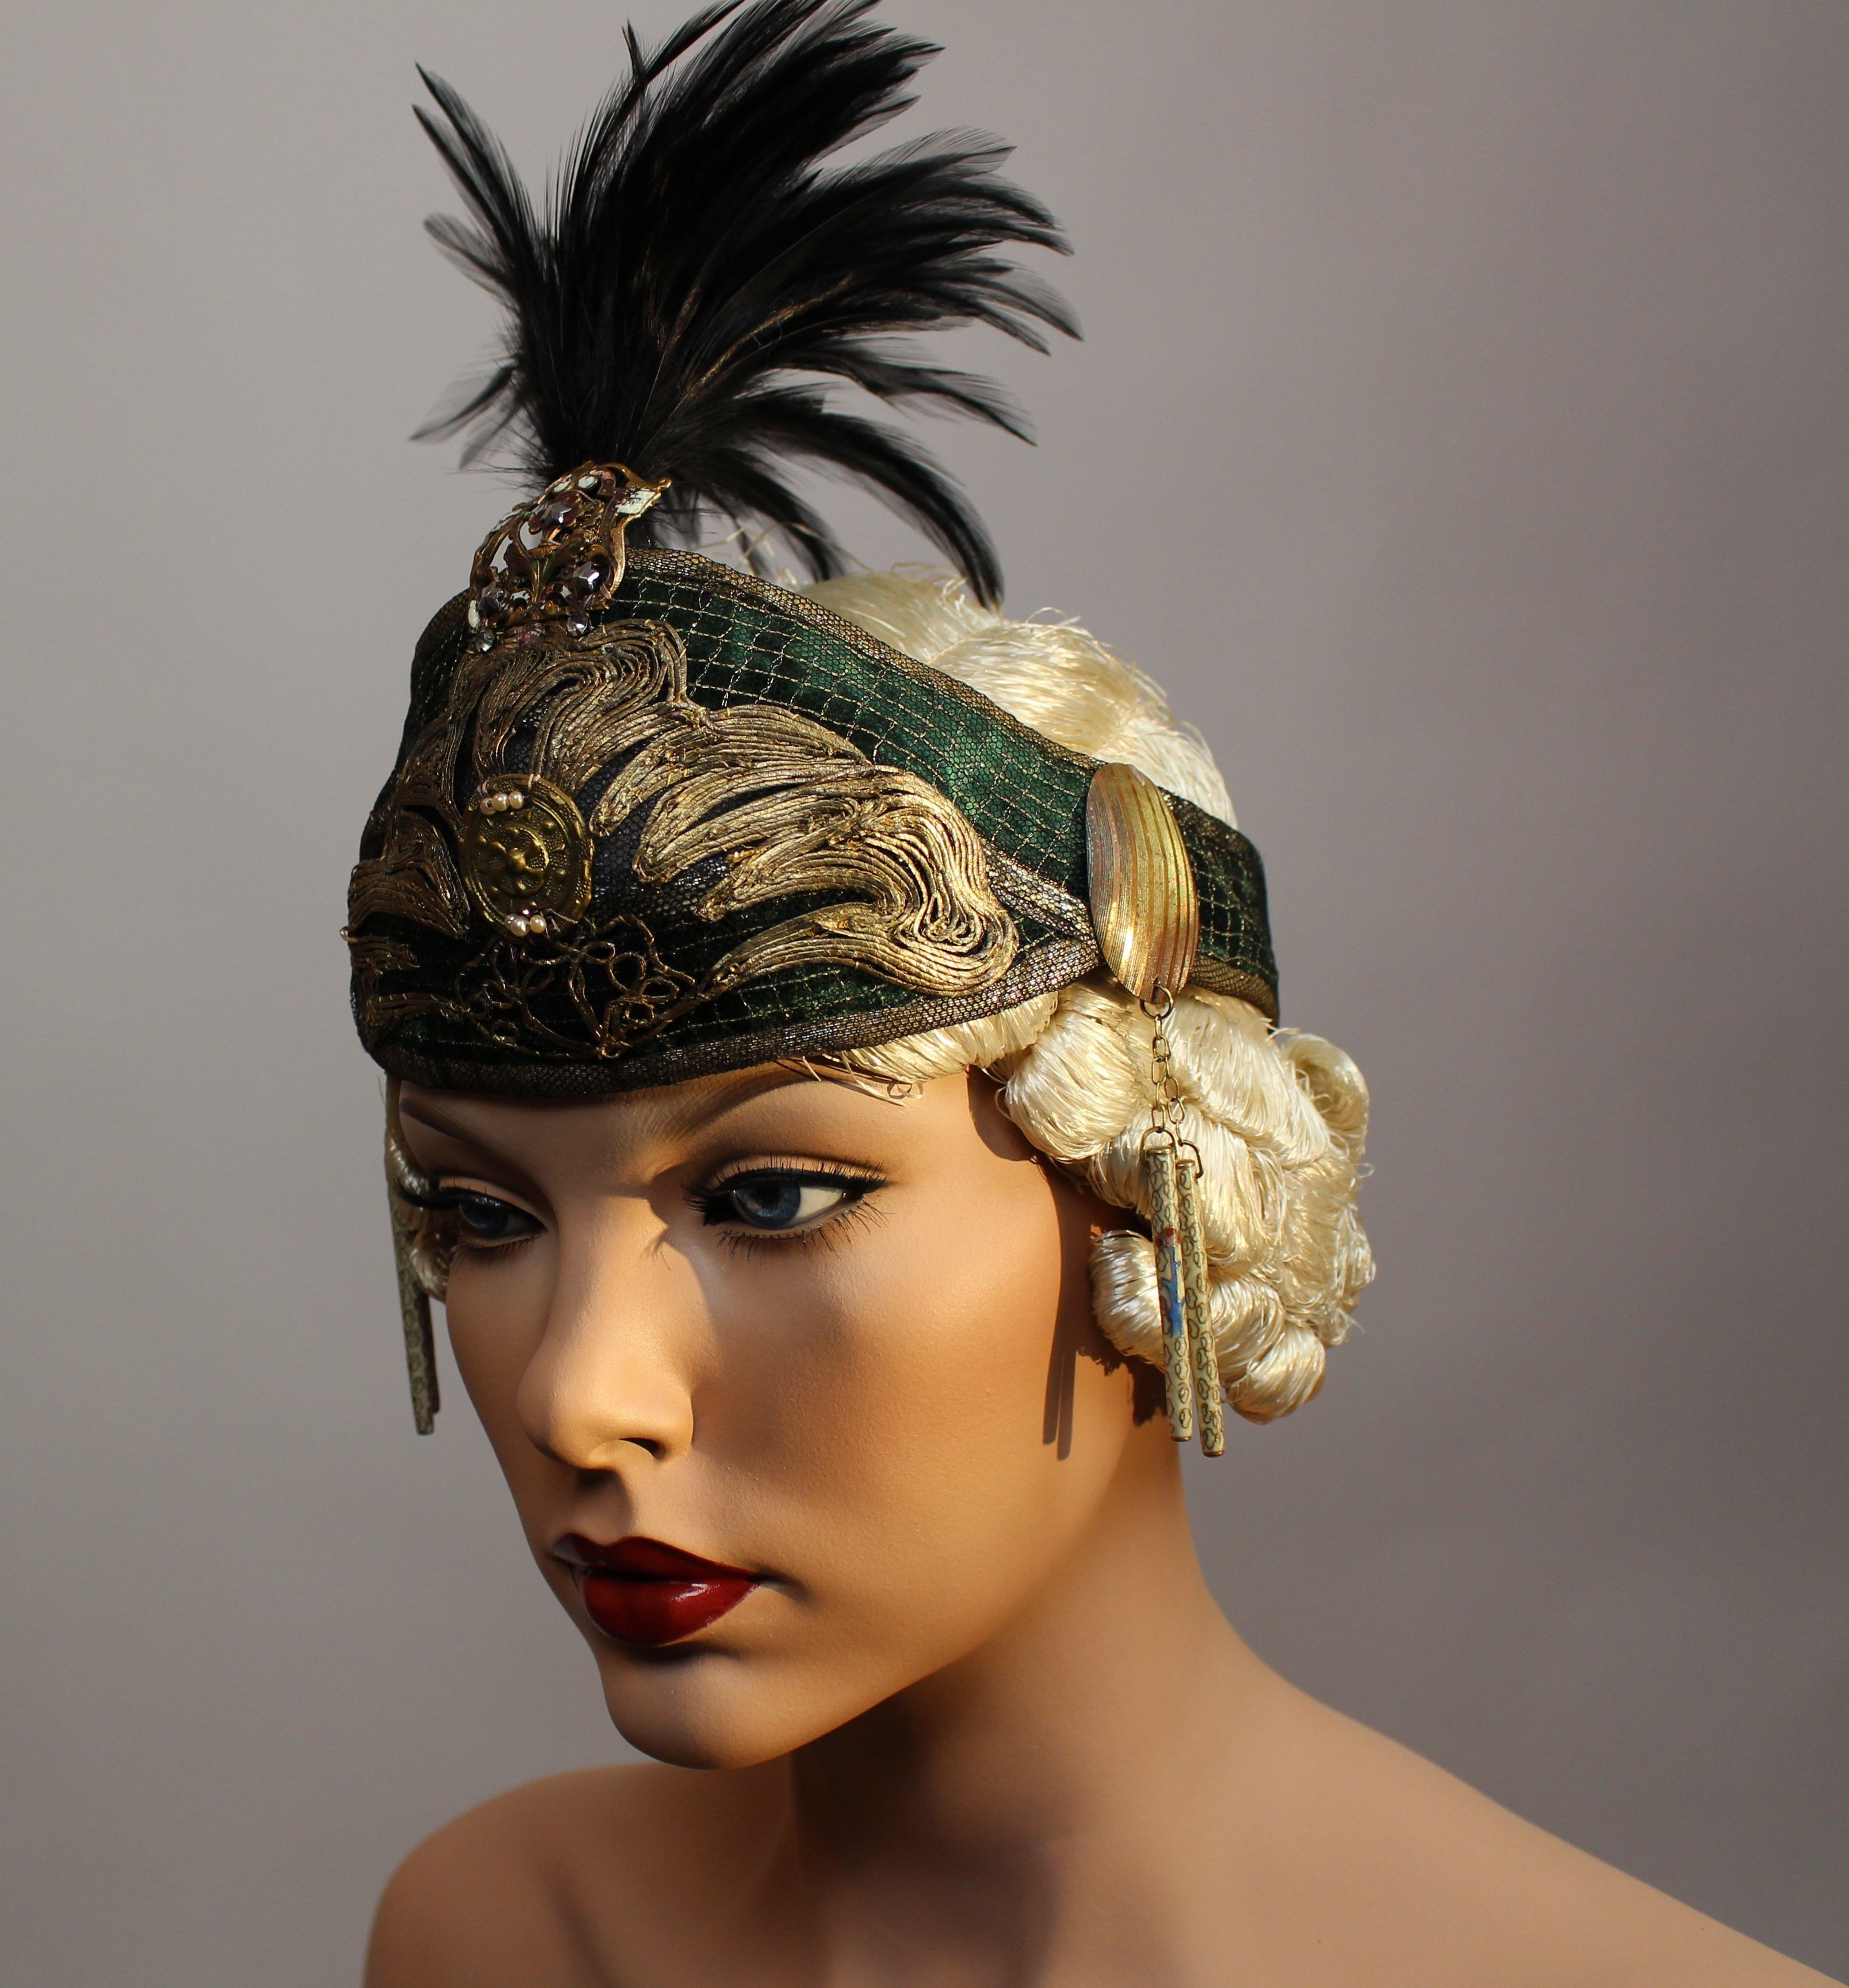 $1,200.00 Ornate Edwardian Plume Headdress Captivating Arabian style ...